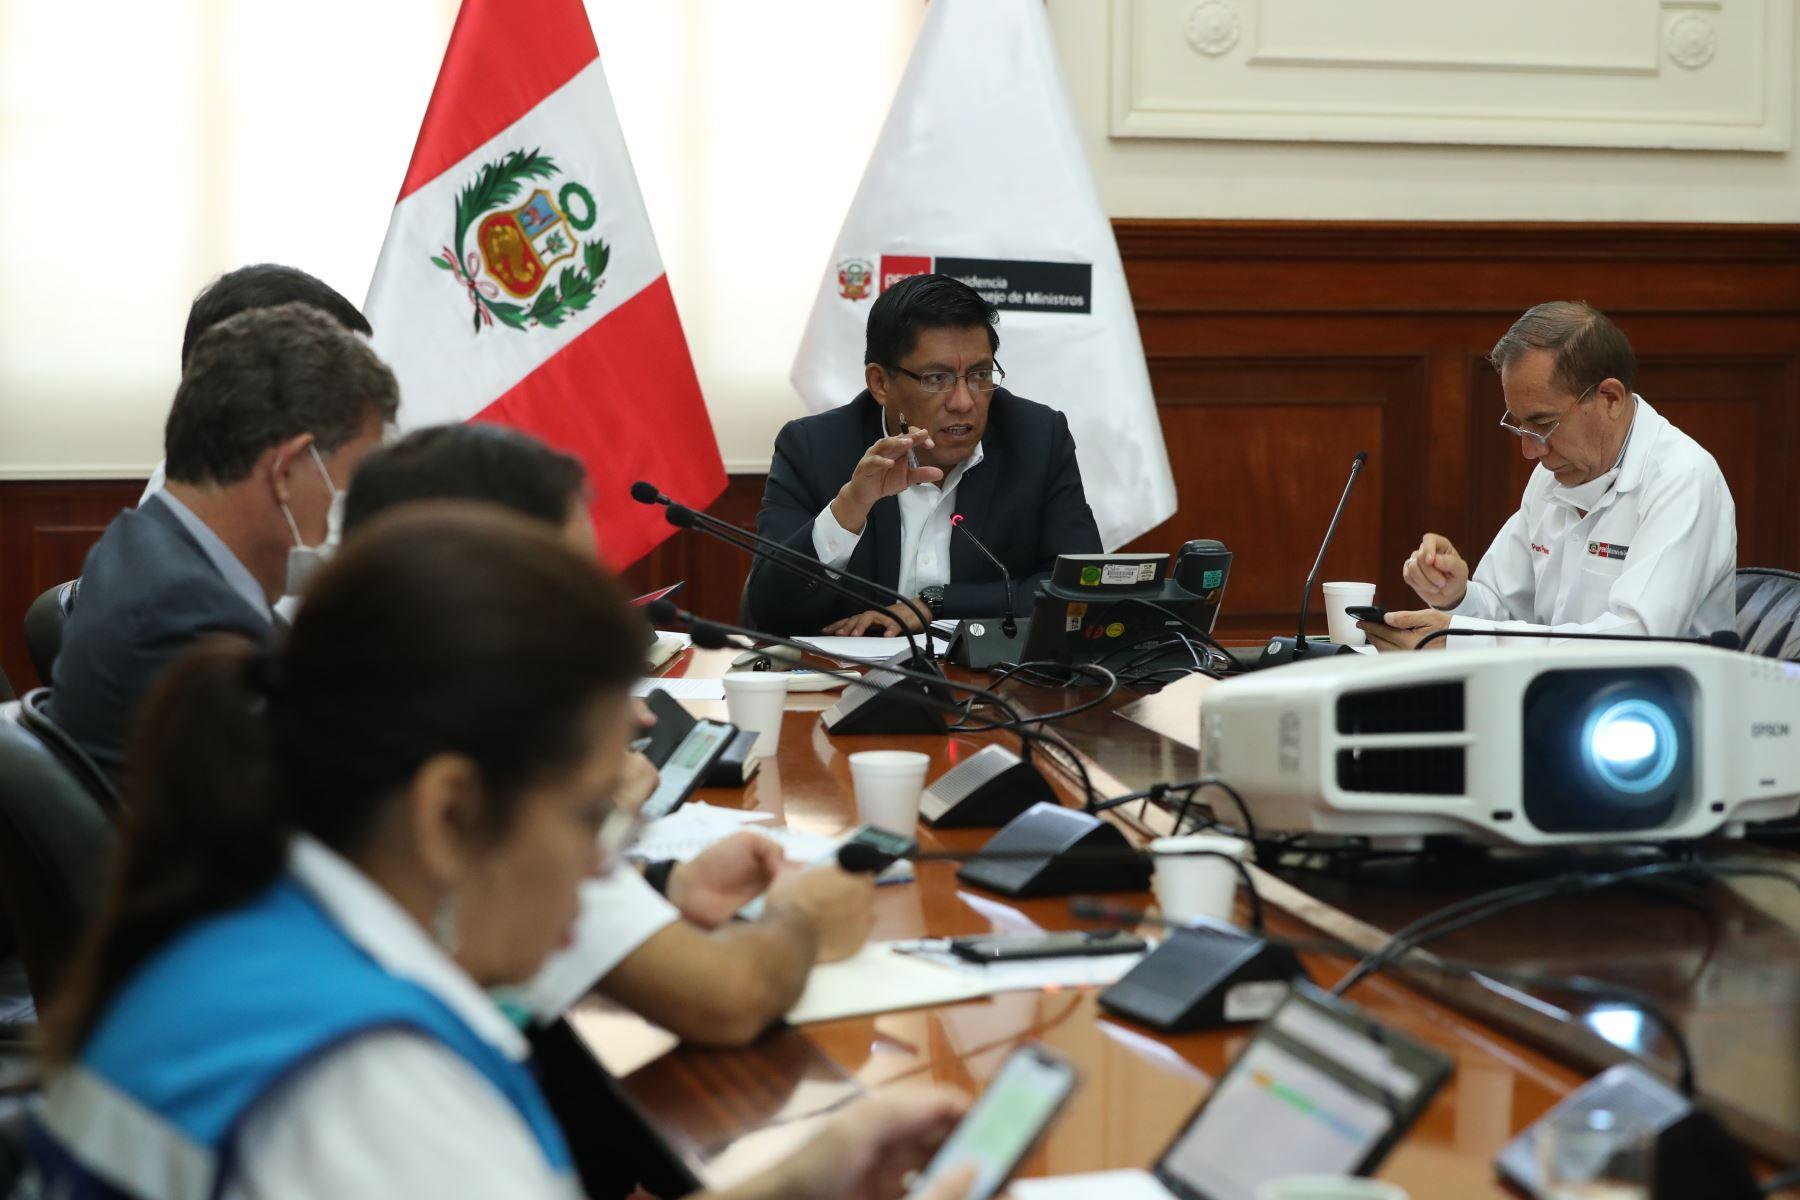 Primer ministro Vicente Zevallos preside la sesión de la Comisión Multisectorial Coronavirus.Foto: ANDINA/PCM